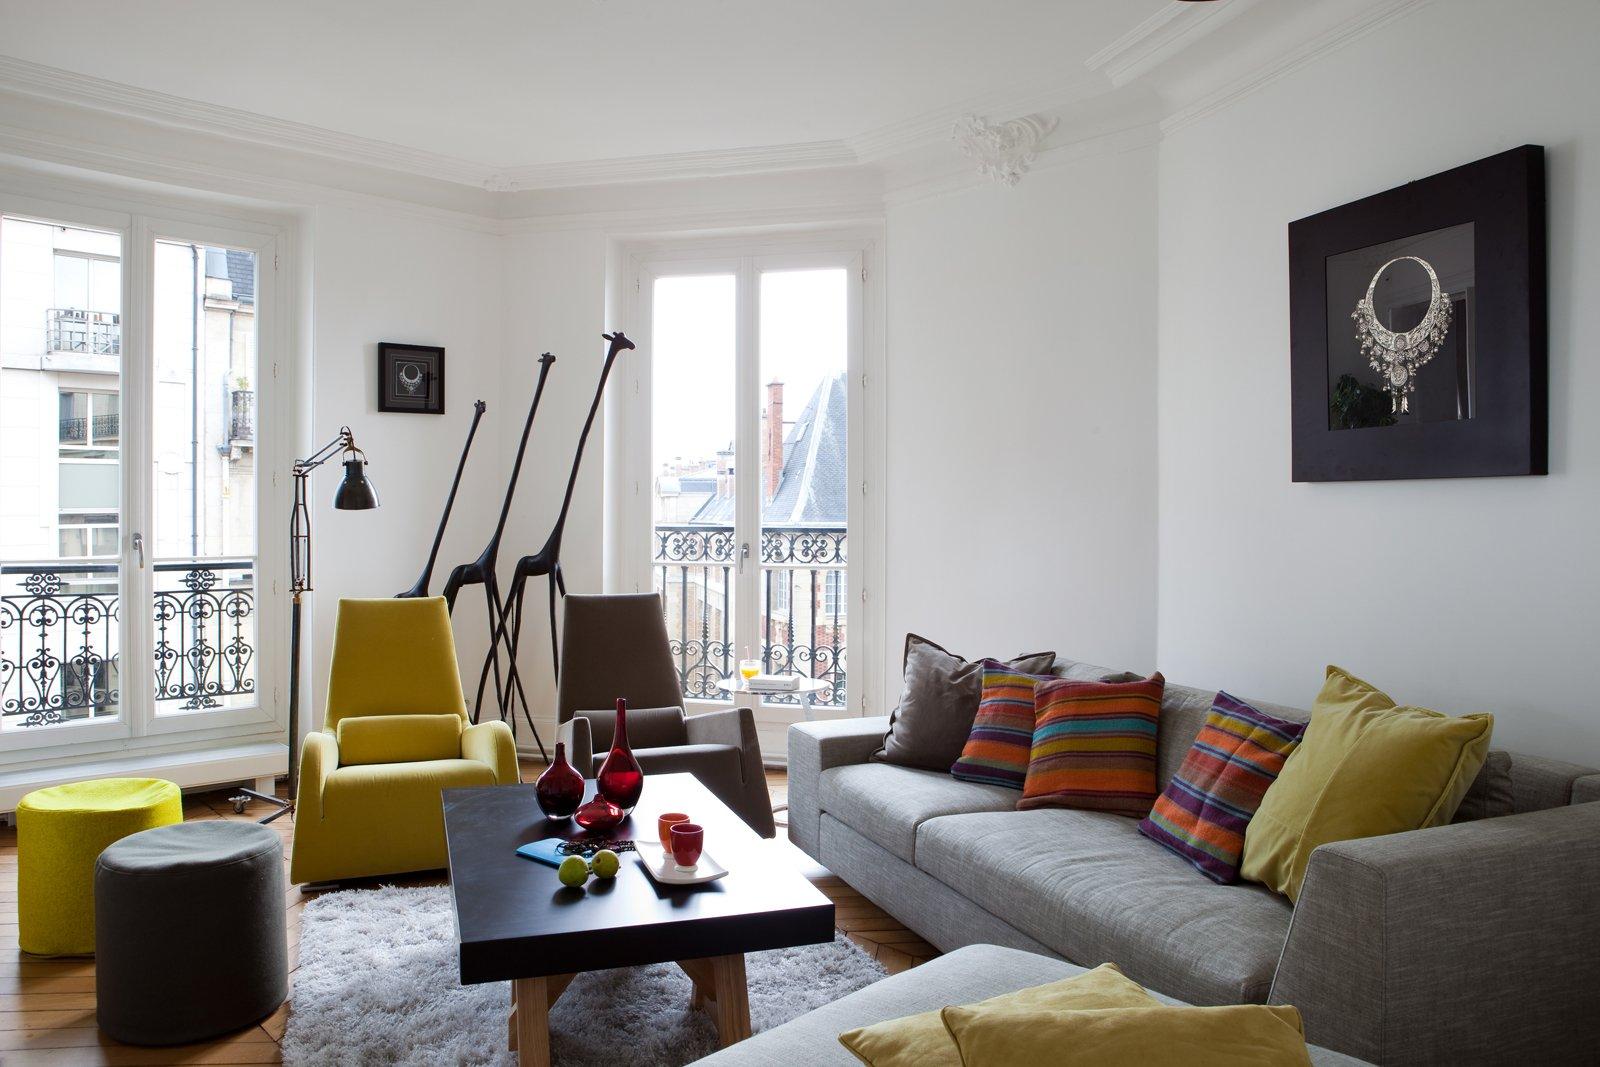 In edicola cose di casa cose di casa - Cose per la casa ...